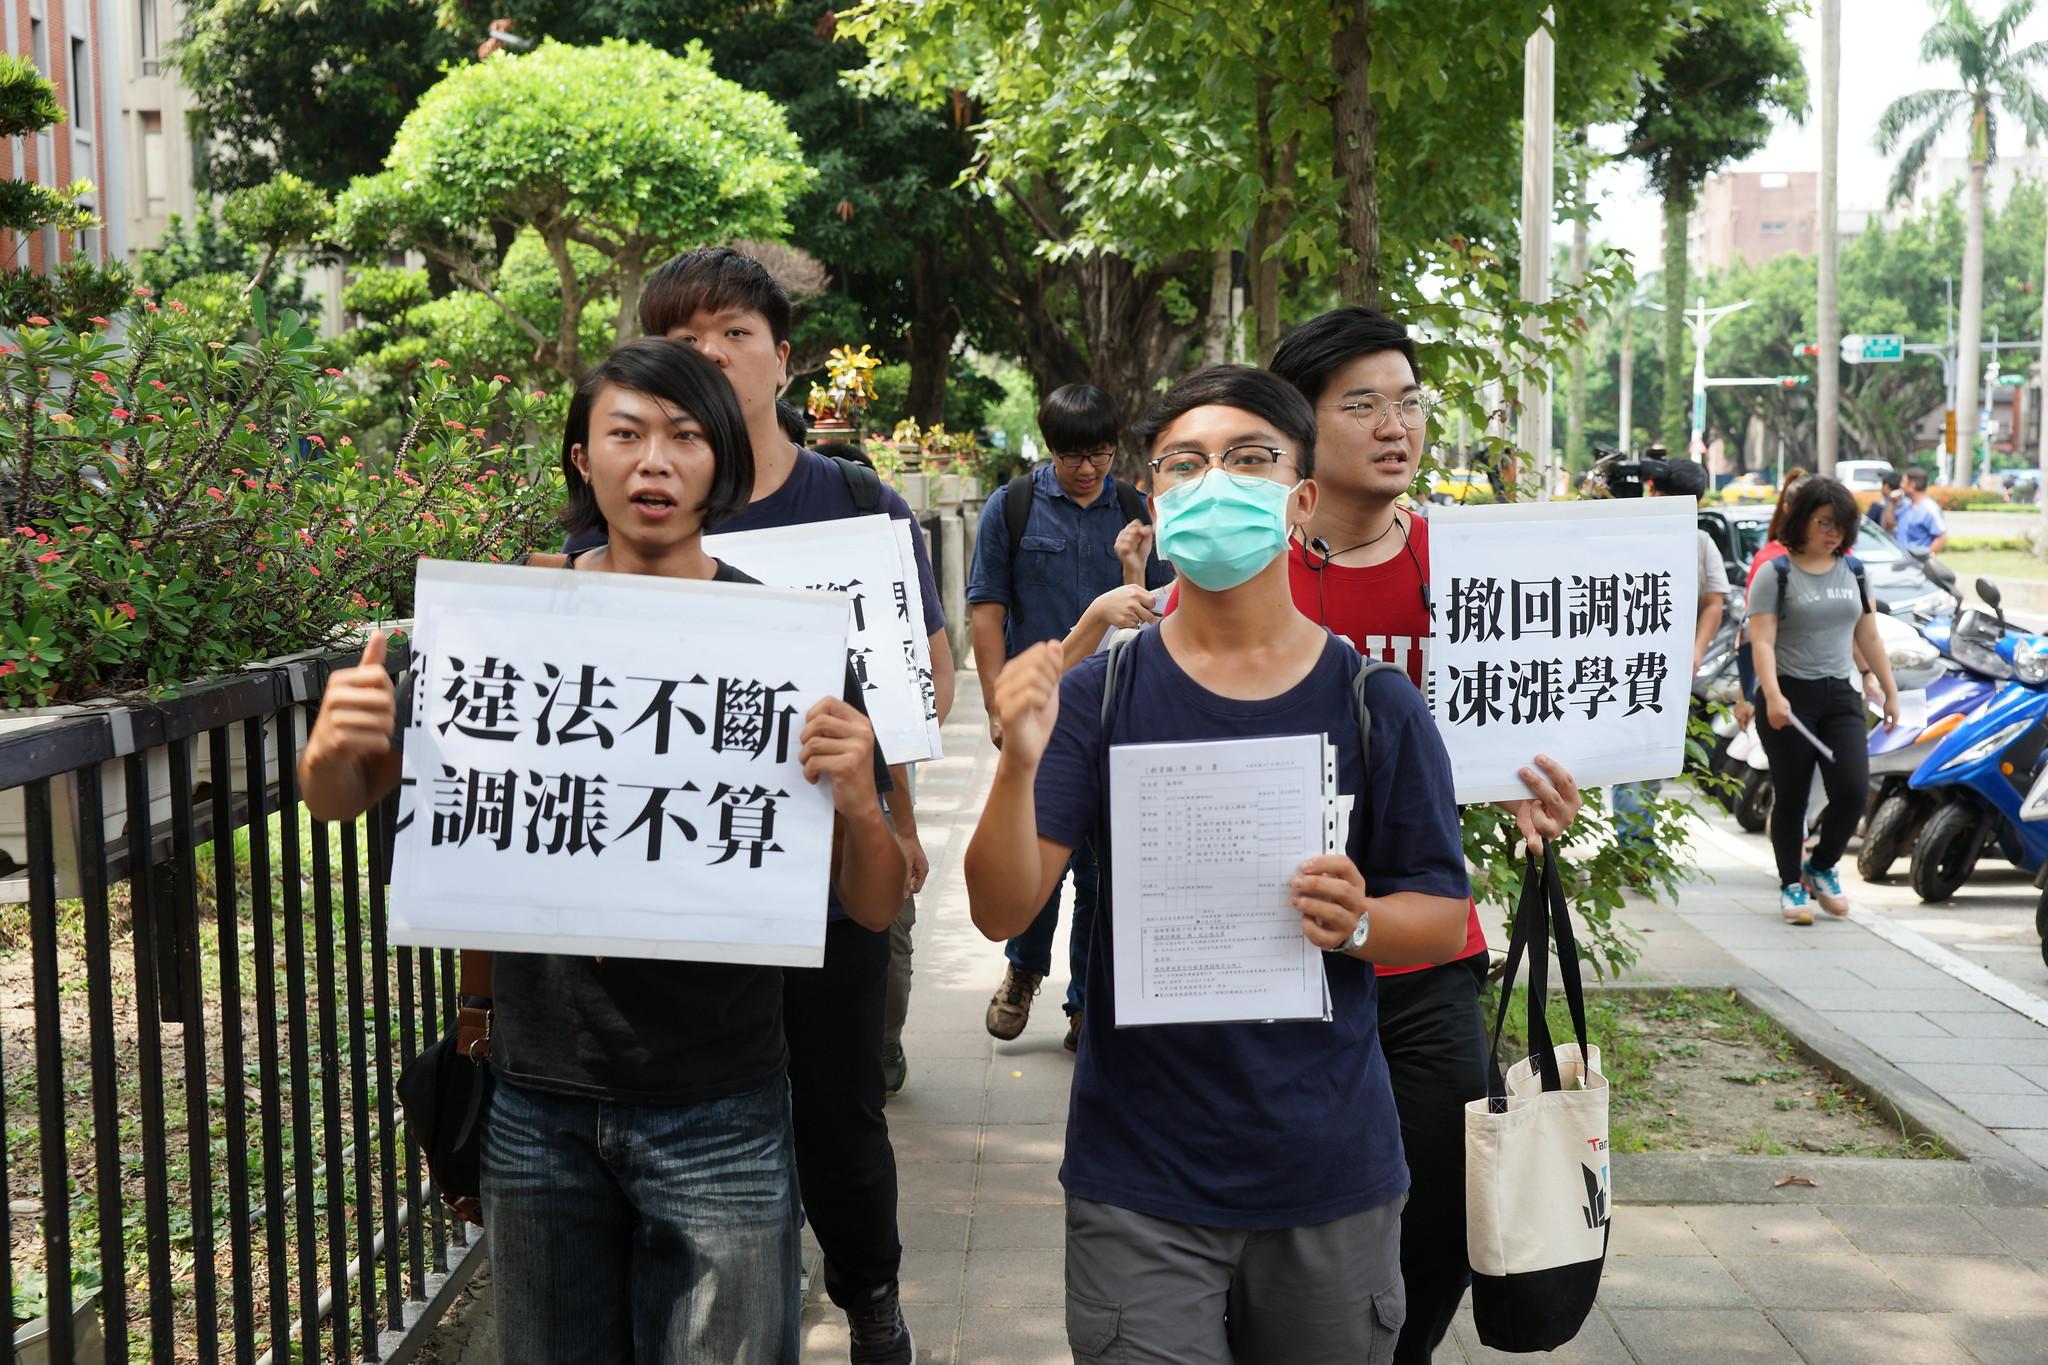 学生在教育部抗议后,步行至监察院要求启动调查。(摄影:王颢中)